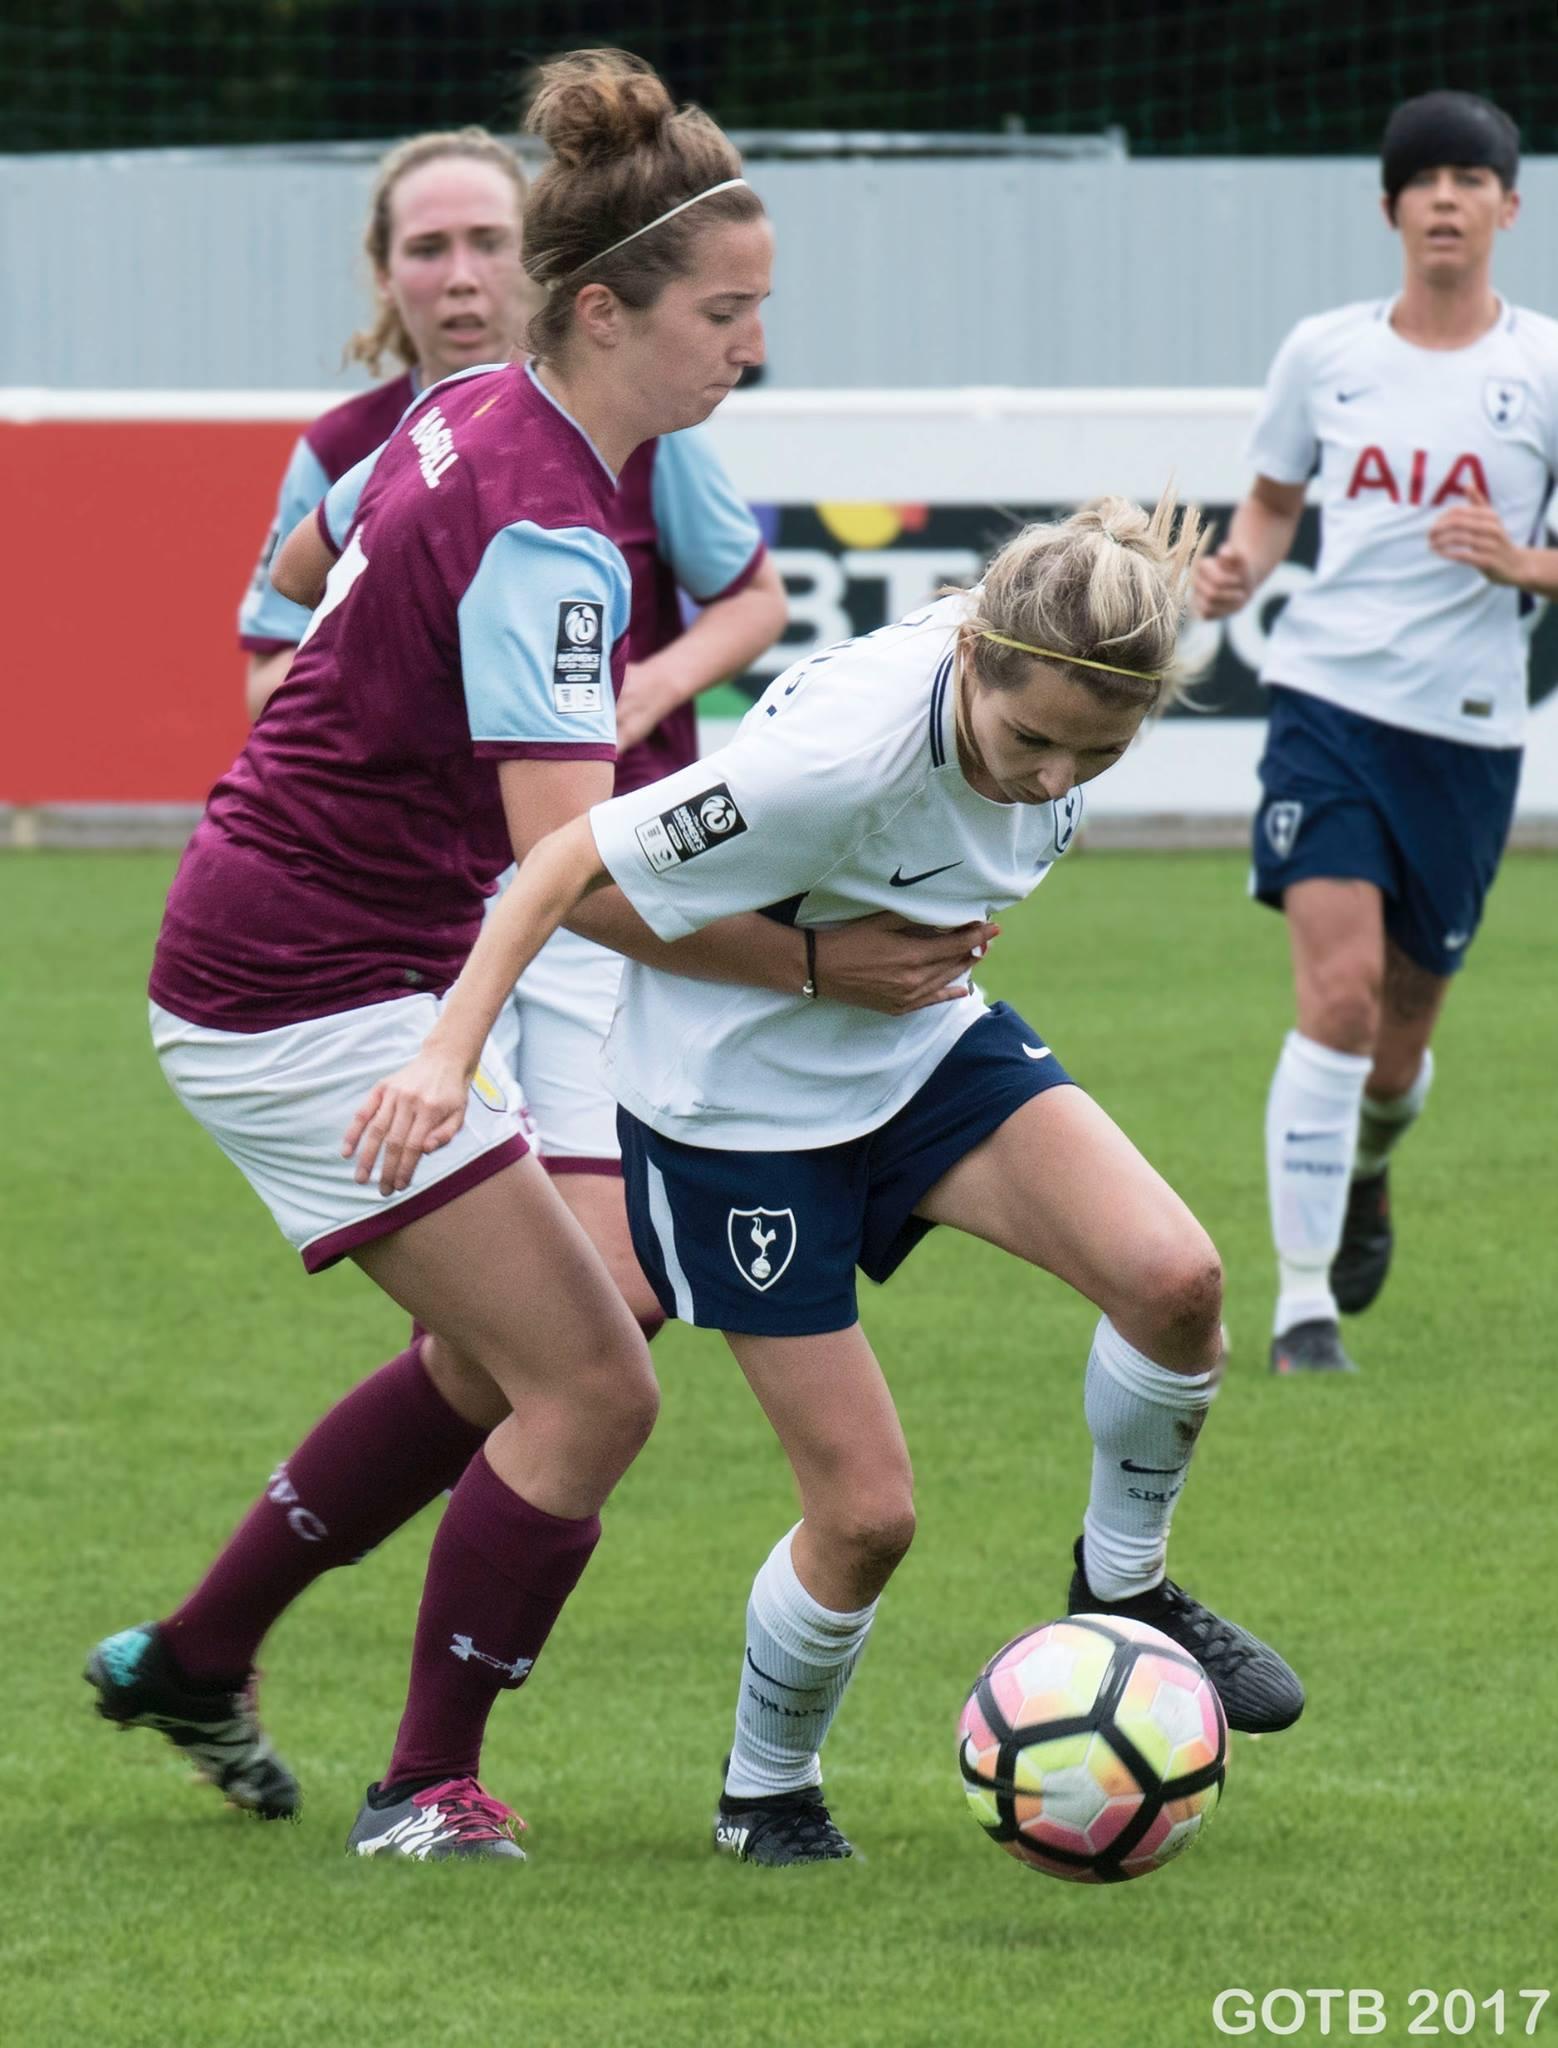 Tottenham Hotspur v Aston Villa, FAWSL 2